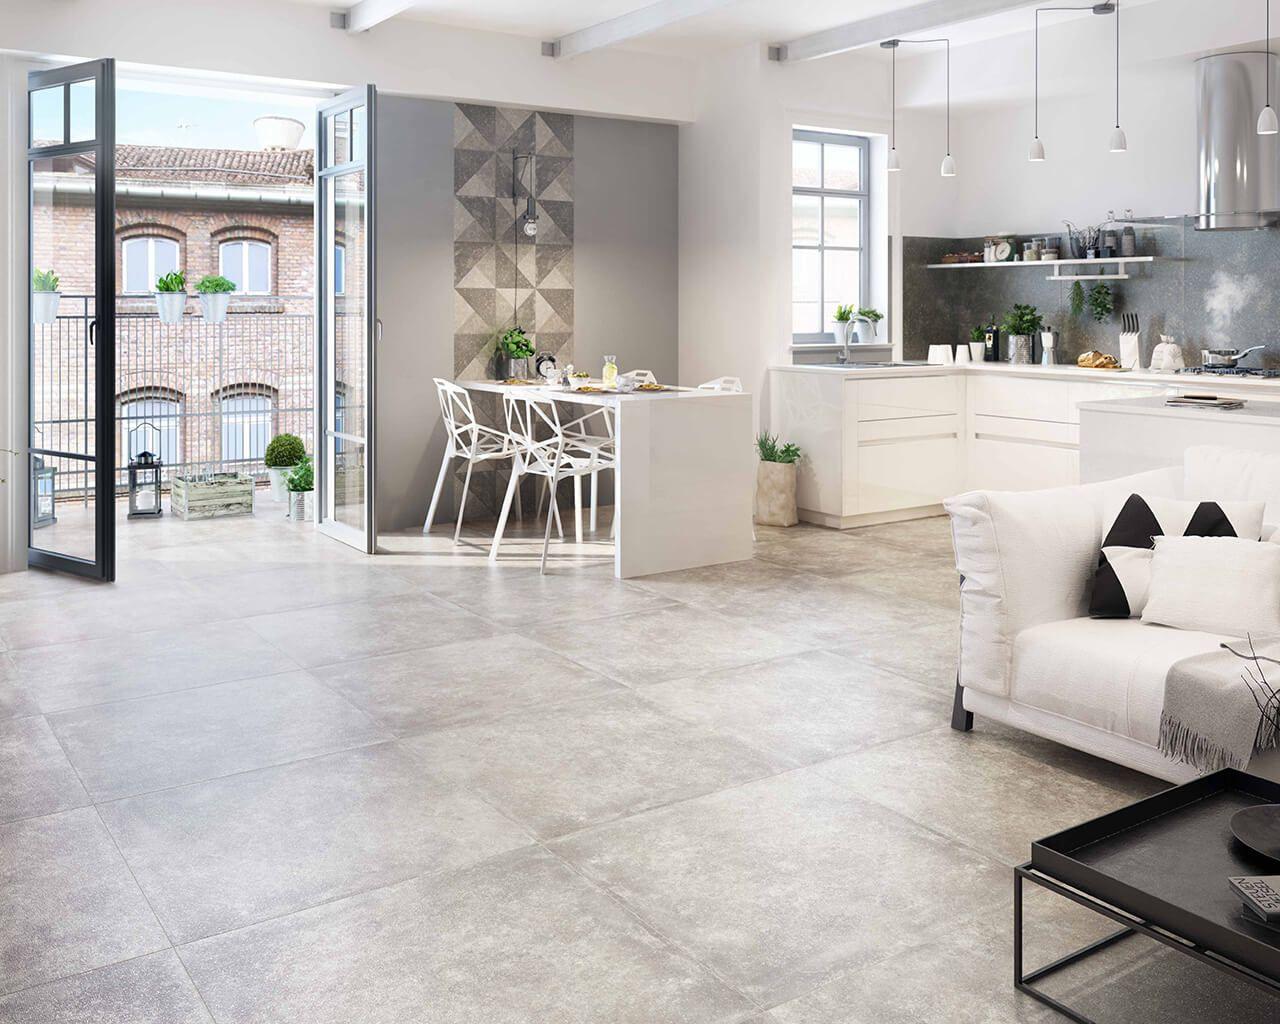 interessanter industreiller bereich eine verbindung zwischen salon k che und esszimmer. Black Bedroom Furniture Sets. Home Design Ideas